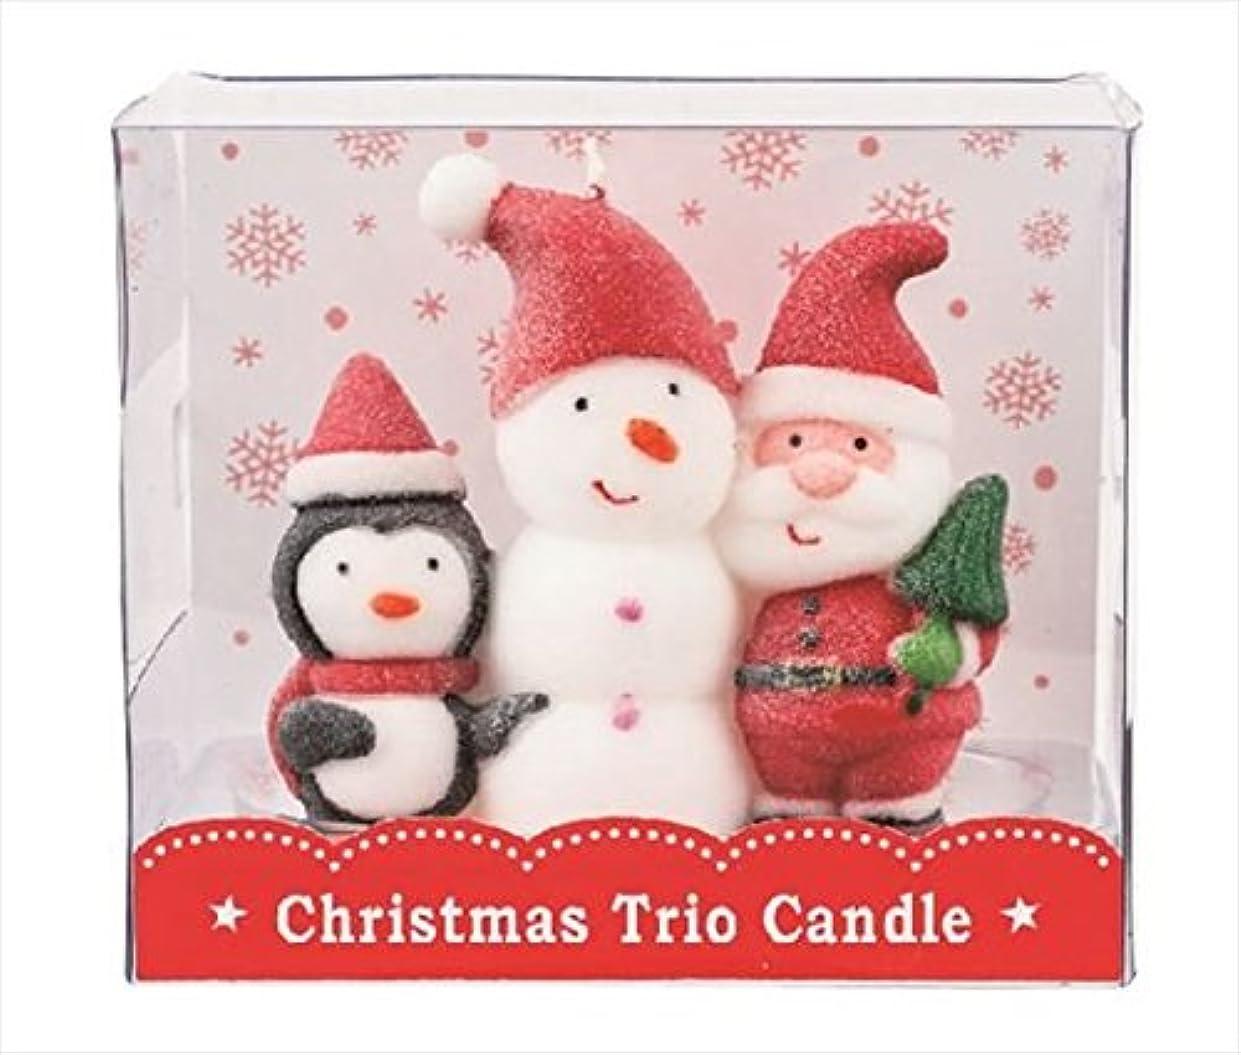 スクリーチ花火仕立て屋kameyama candle(カメヤマキャンドル) クリスマストリオキャンドル 「 スノーマン 」(A3220010)